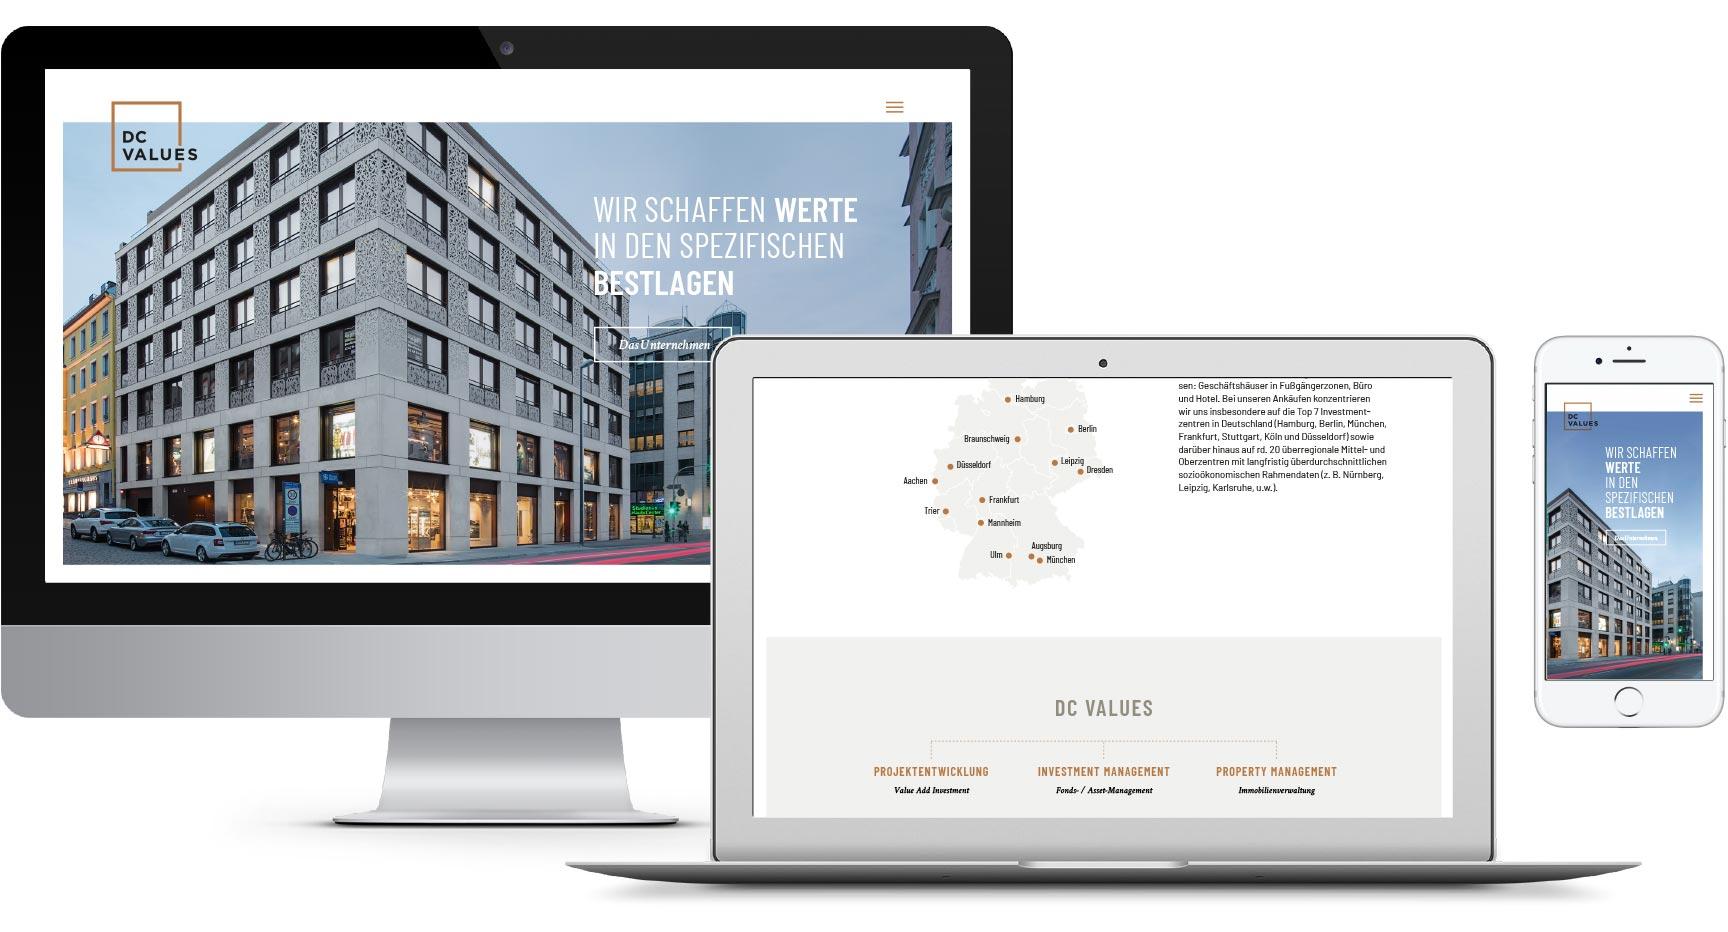 susanngreuel-dcvalues-corporatedesign-1